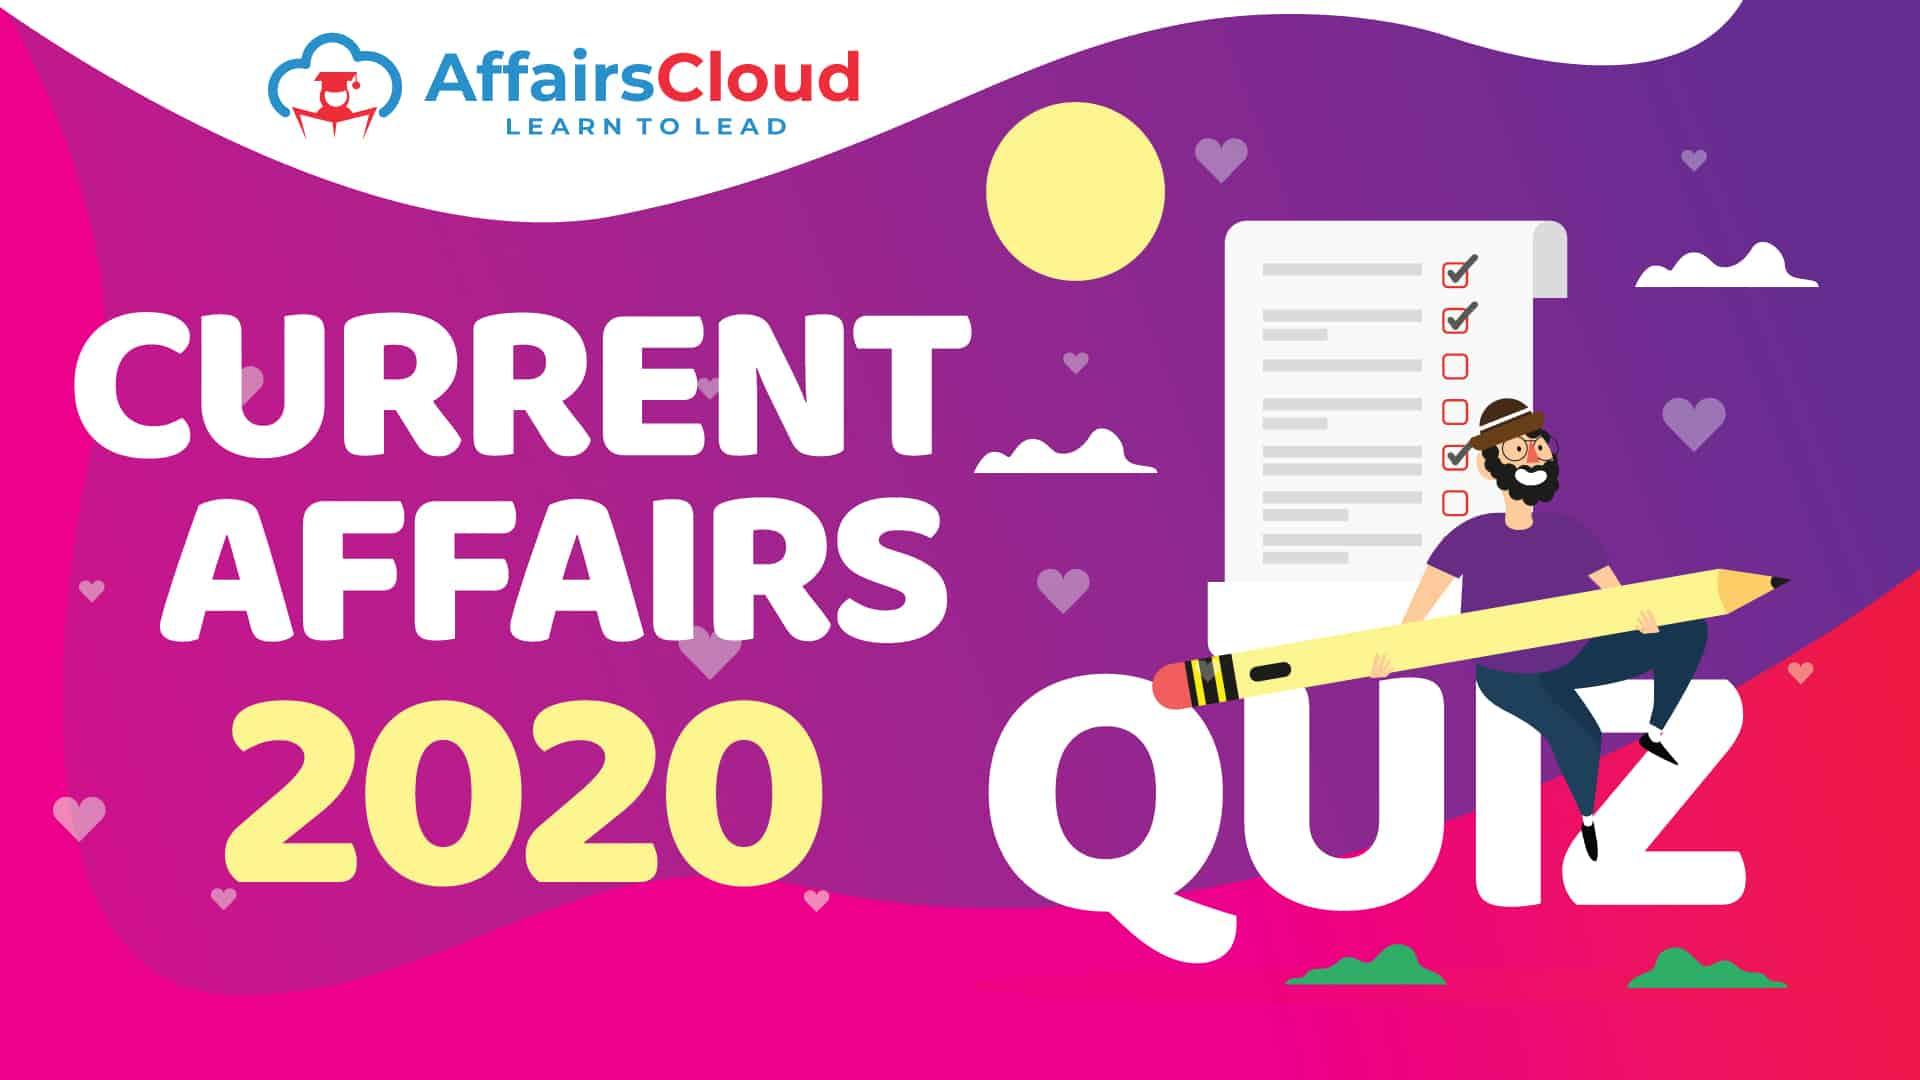 Current Affairs 2020 Quiz